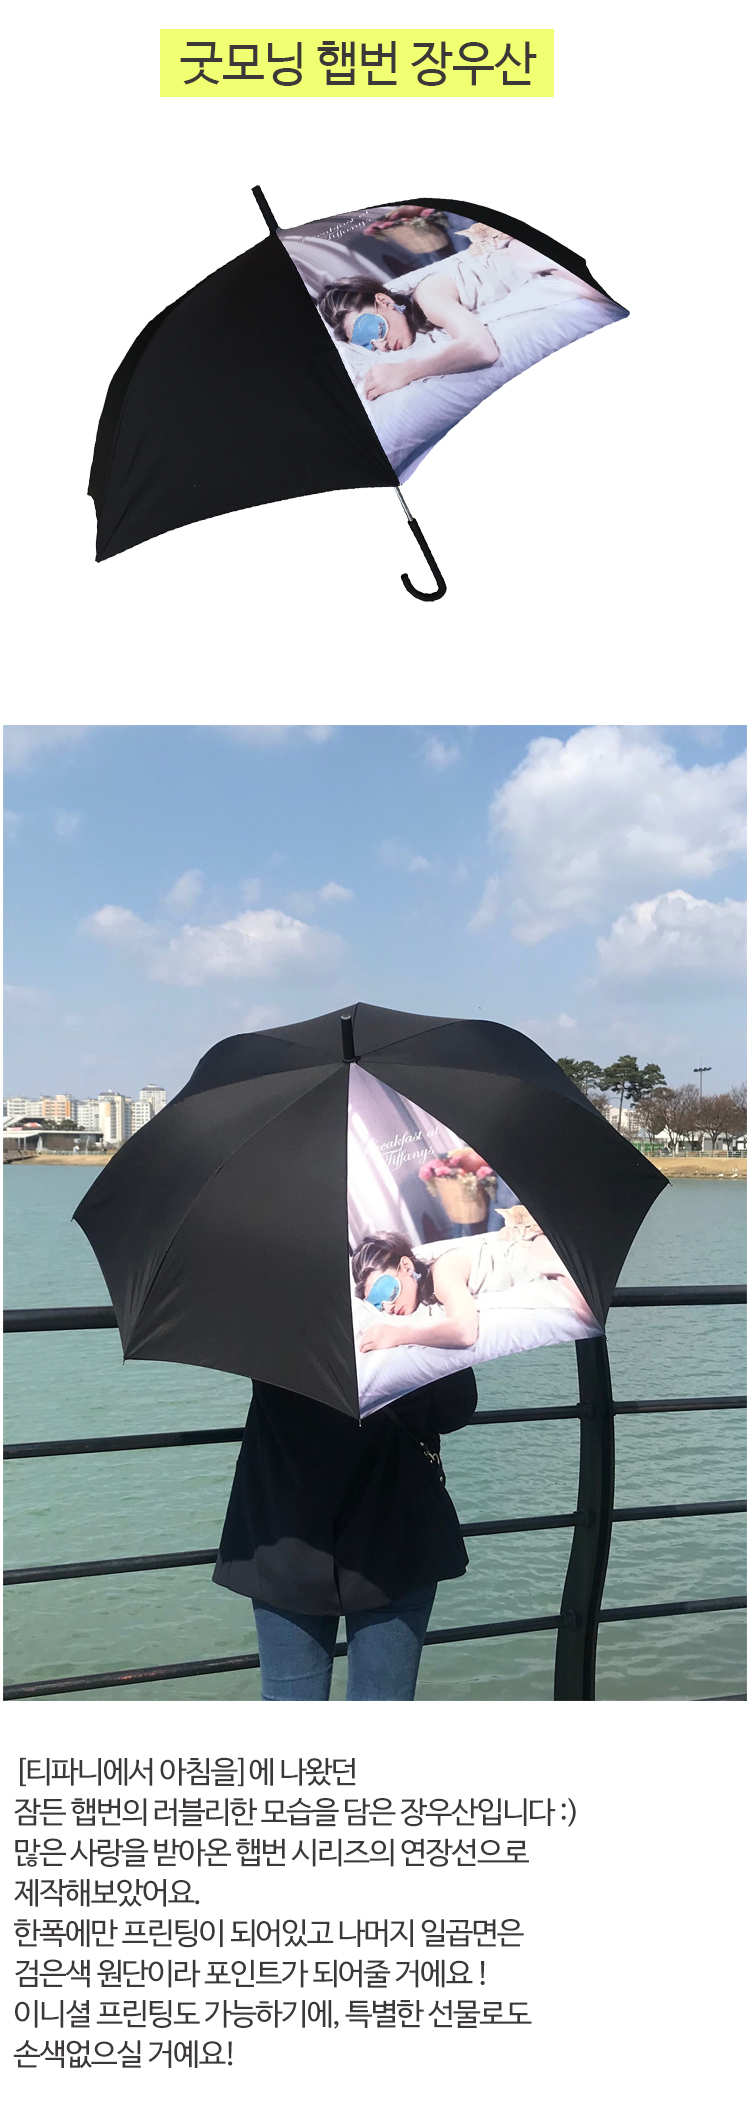 오드리햅번+장우산+햅번장우산+여자우산+우산추천